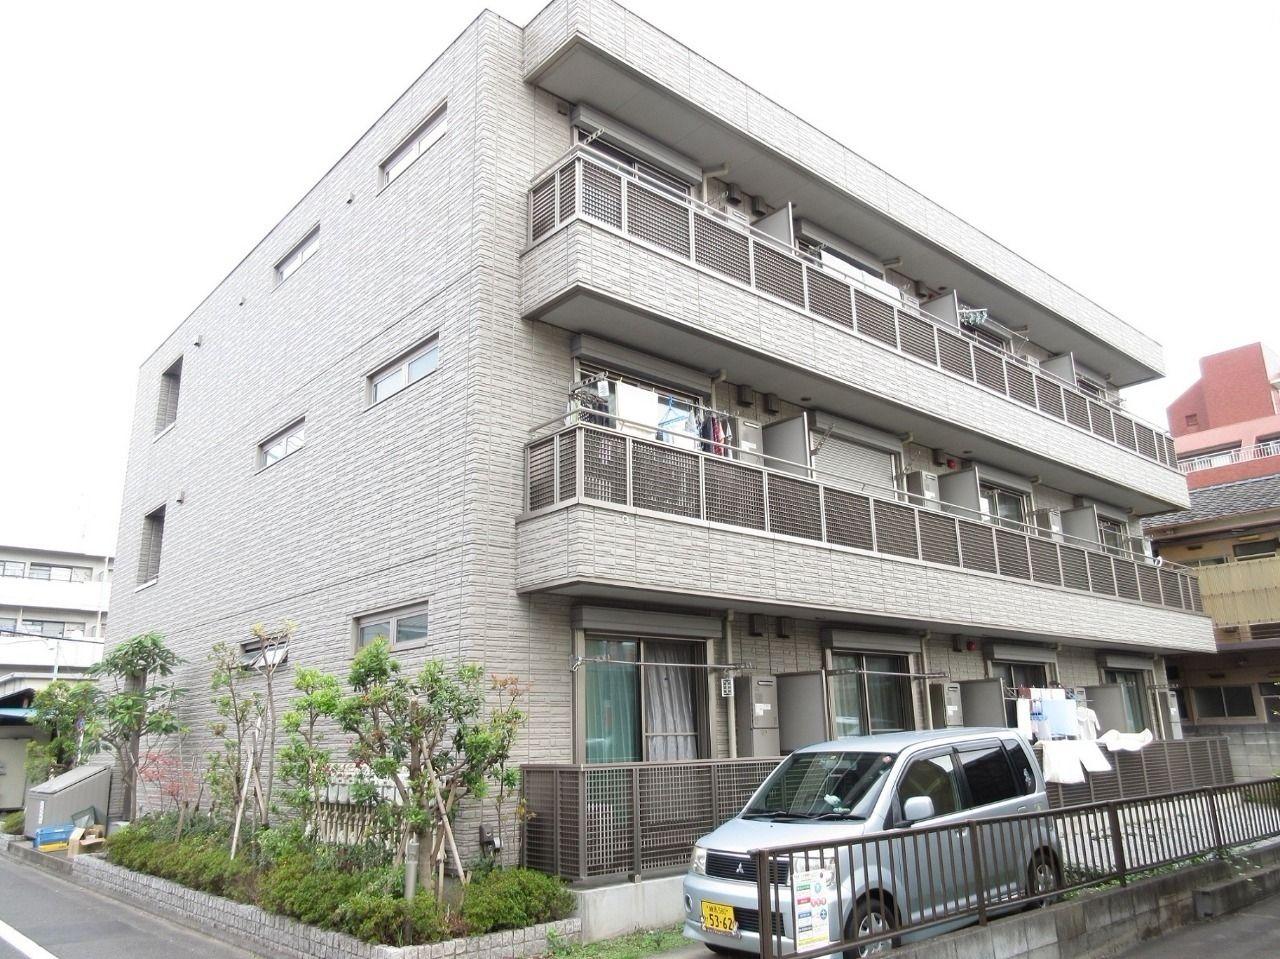 みなさまこんにちは。板橋区高島平の賃貸マンション【TOKIO 102号室】を藤ホーム地所株式会社の遠藤がご紹介いたします。